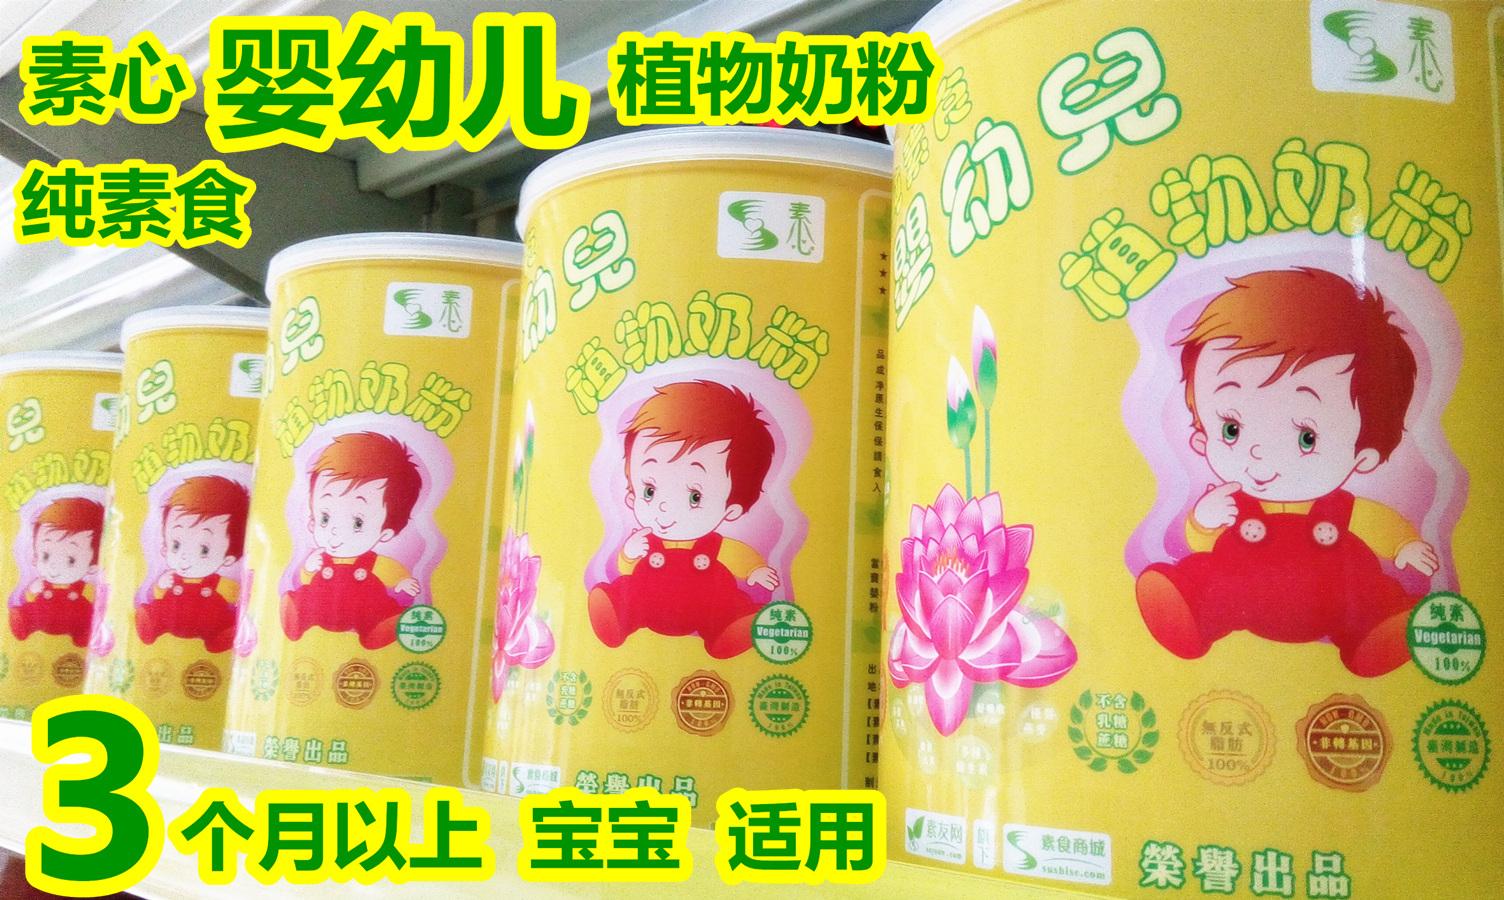 点此购买: 素心 纯素食 婴幼儿植物奶粉 850克/罐(3个月以上婴幼儿均适用)